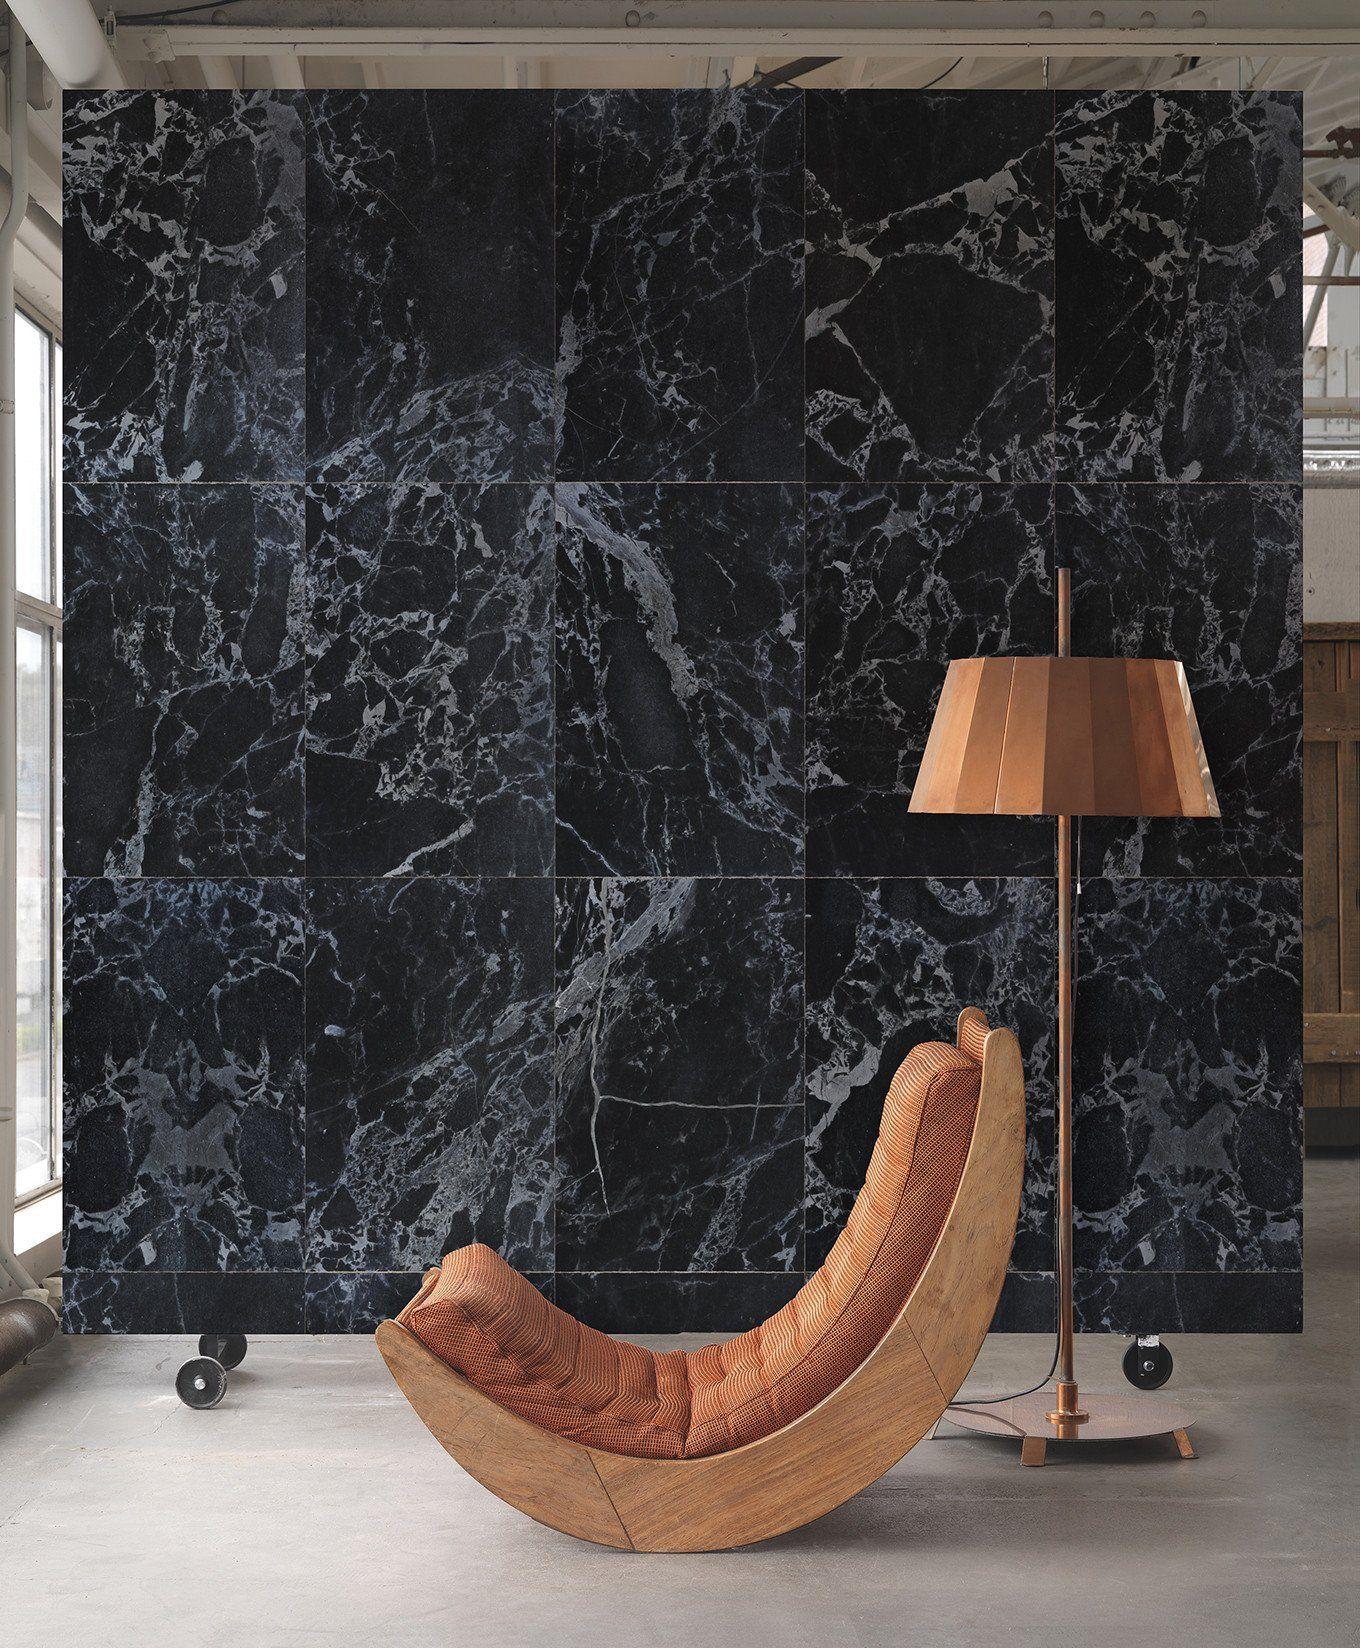 Black Marble Wallpaper Design By Piet Hein Eek For Nlxl Wallpaper Marble Wallpaper Marble Black Wallpaper Faux Tiles